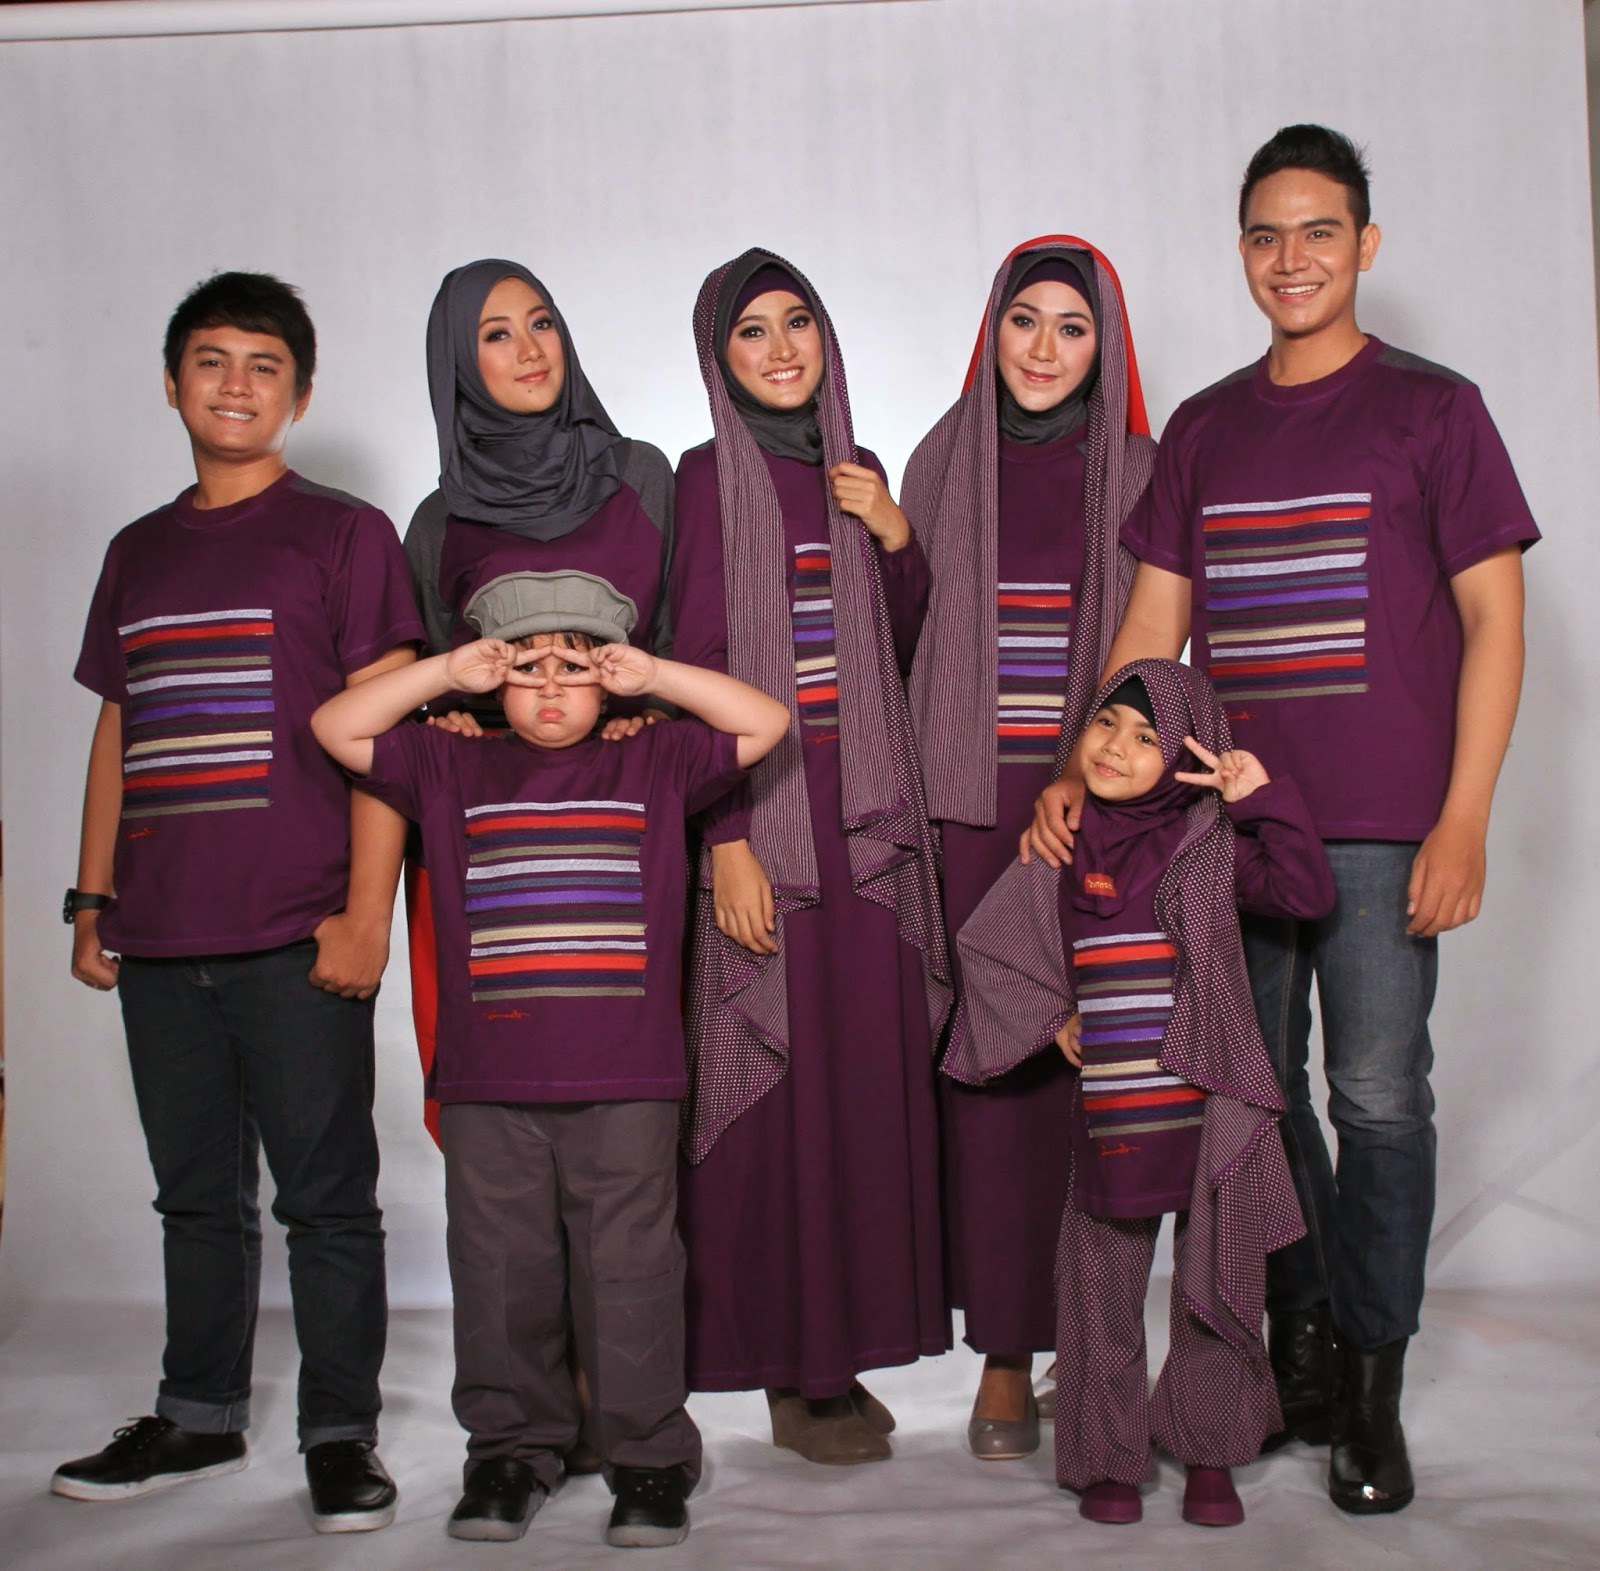 Bentuk Seragam Baju Lebaran Drdp 25 Model Baju Lebaran Keluarga 2018 Kompak & Modis